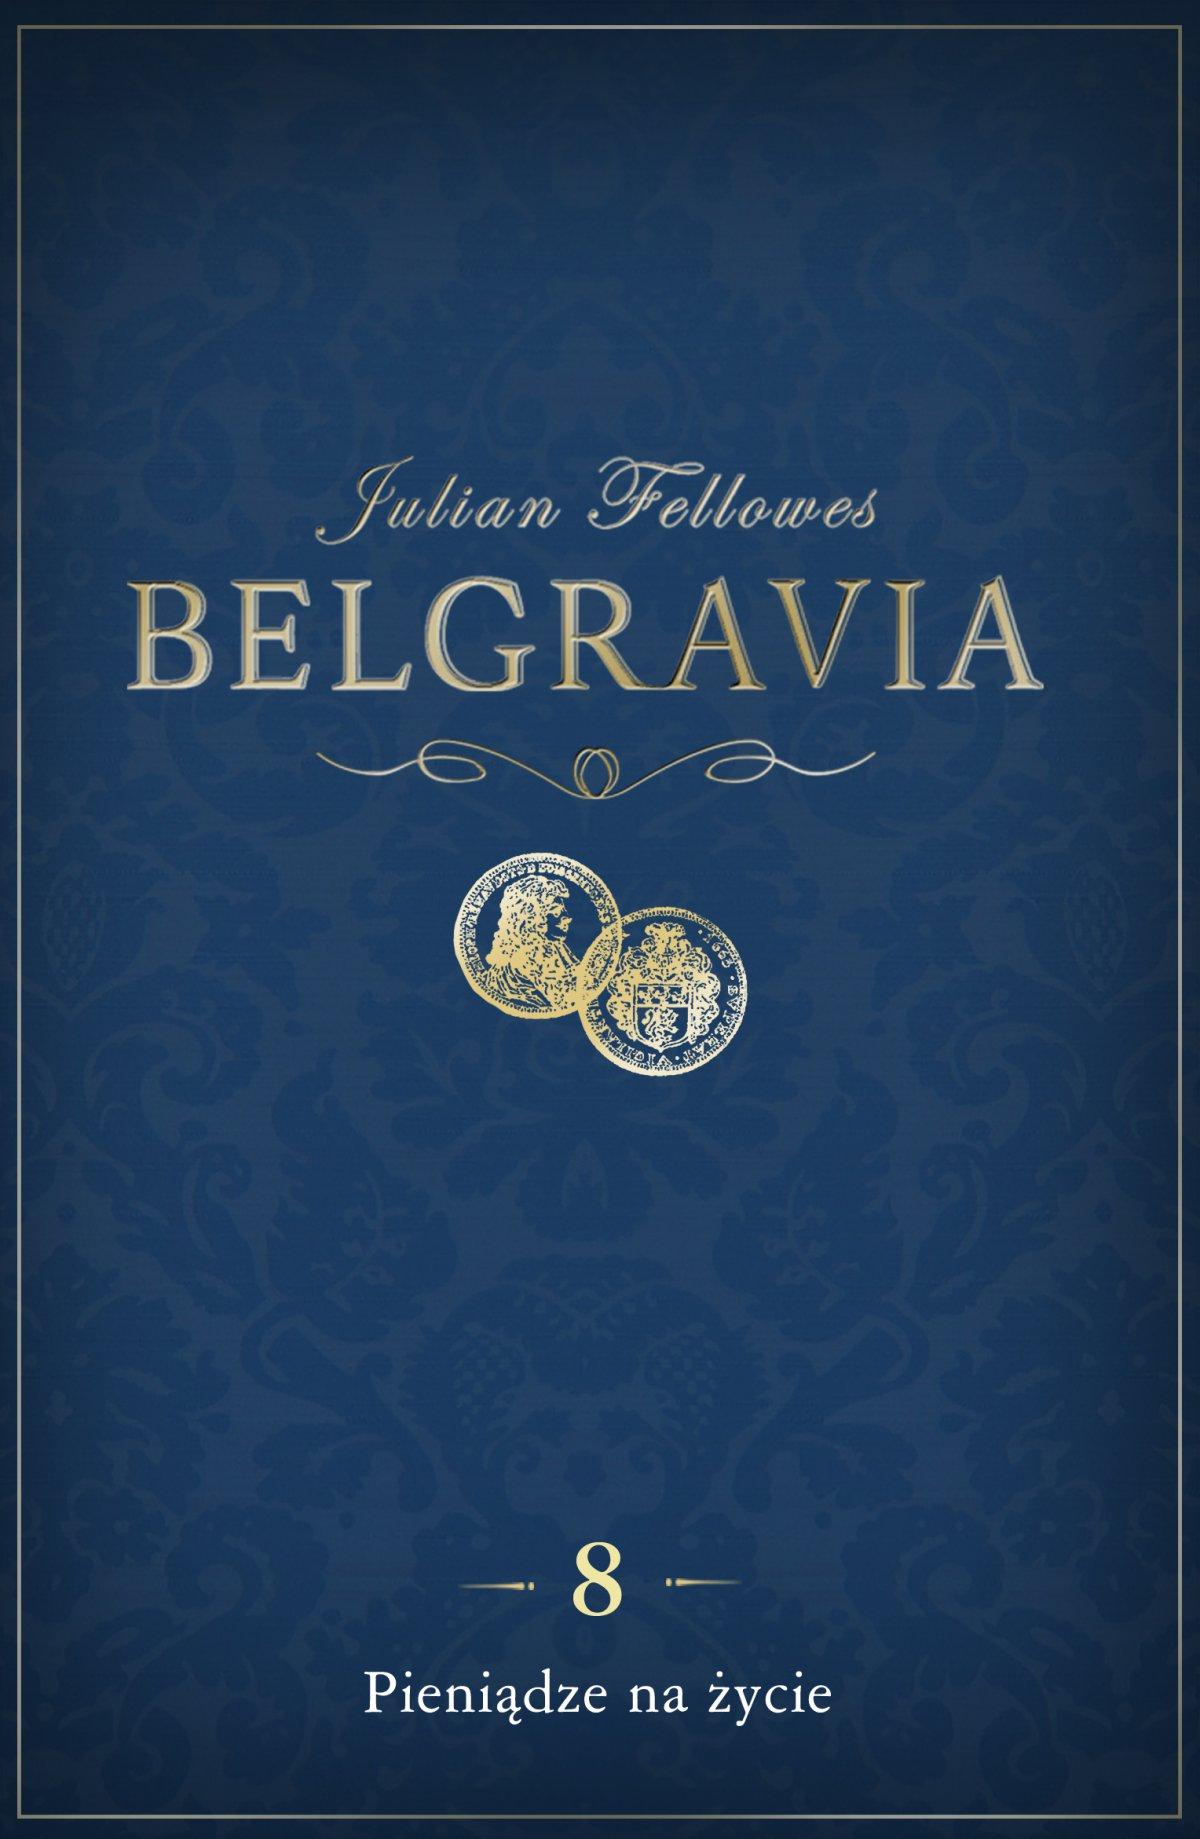 Belgravia Pieniądze na życie. Odcinek 8 - Ebook (Książka EPUB) do pobrania w formacie EPUB